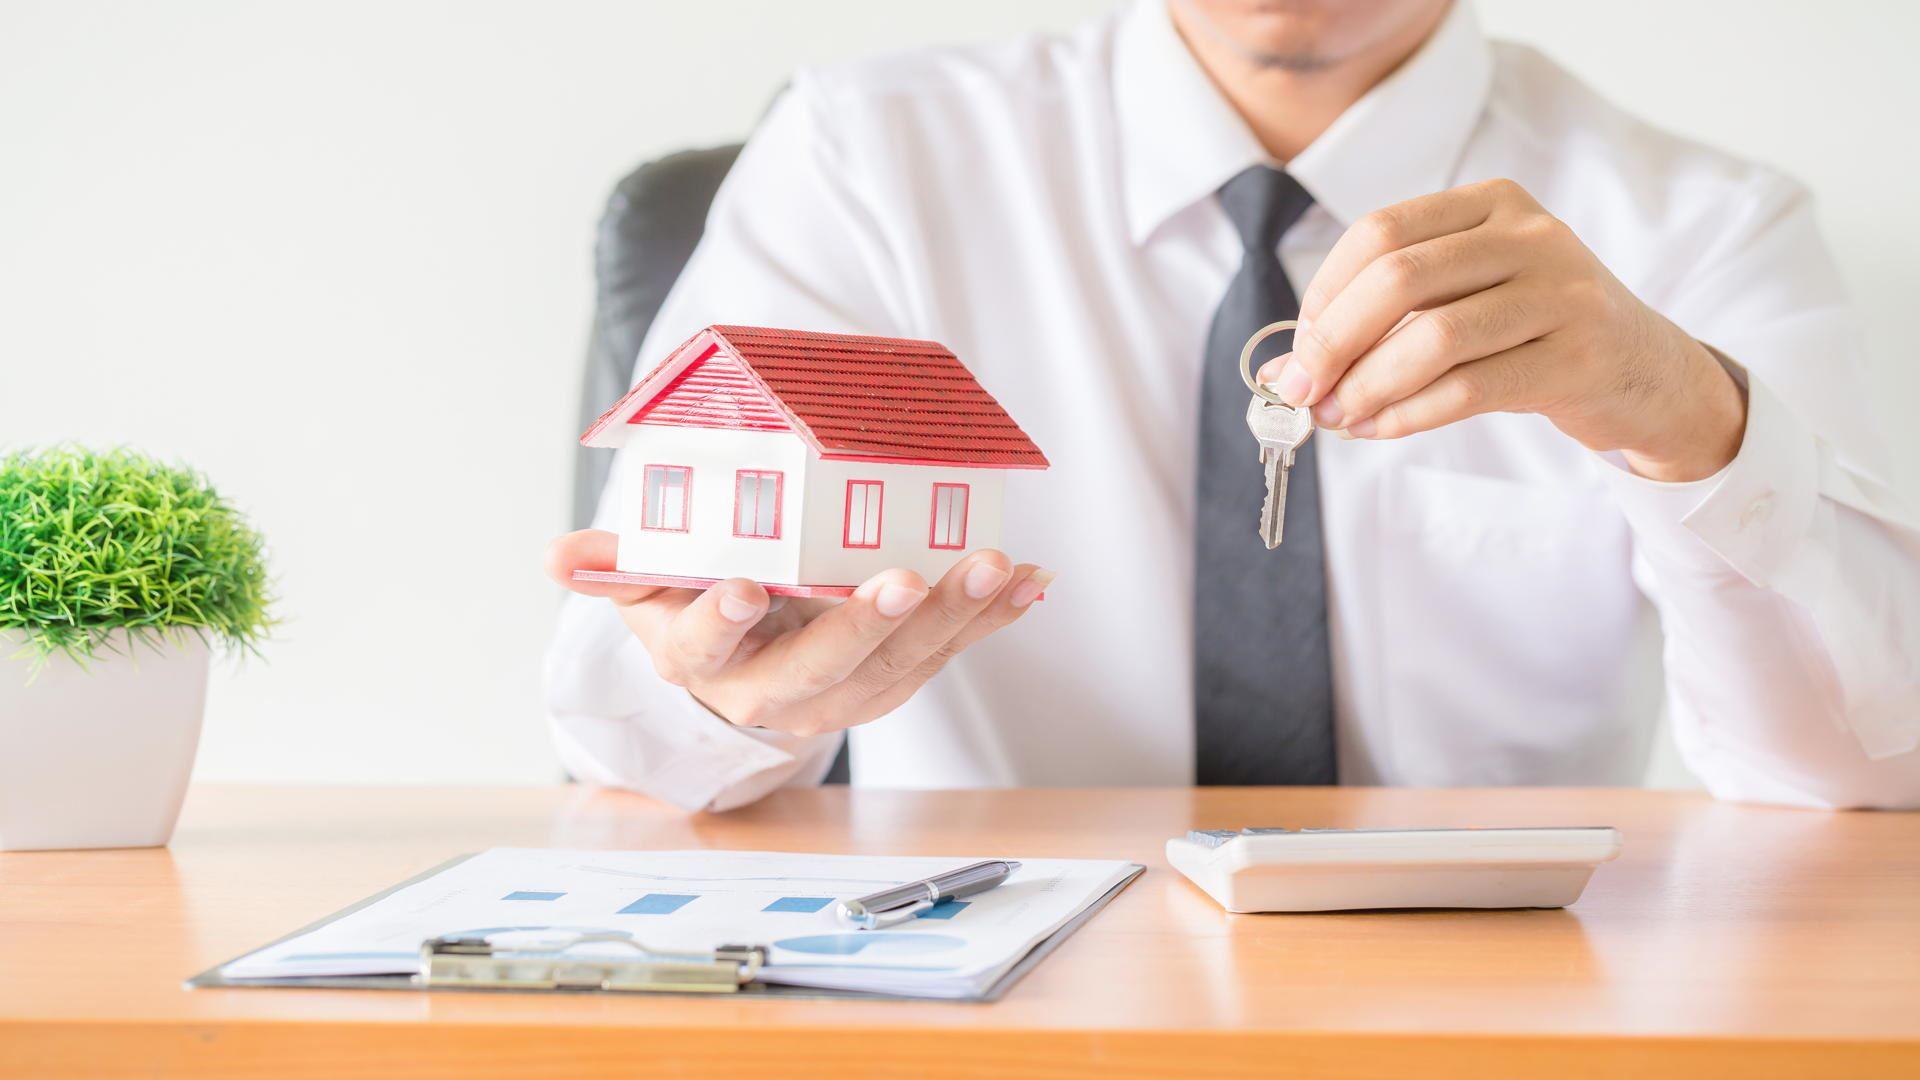 משכנתאות ומימון נכסים עם פרץ פיננסים